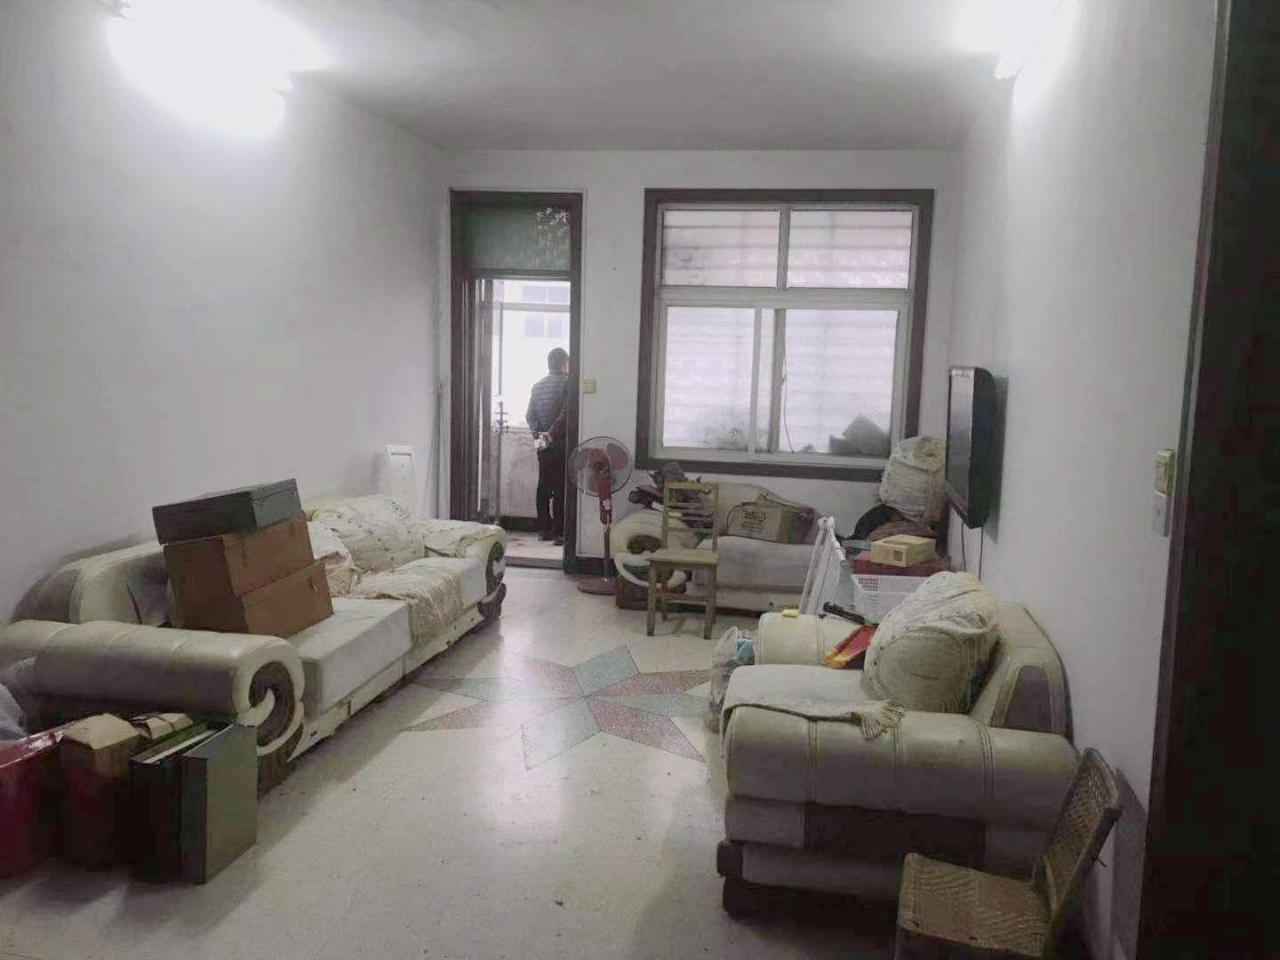 仁義小區  3室 2廳1衛  有房產證  41萬元